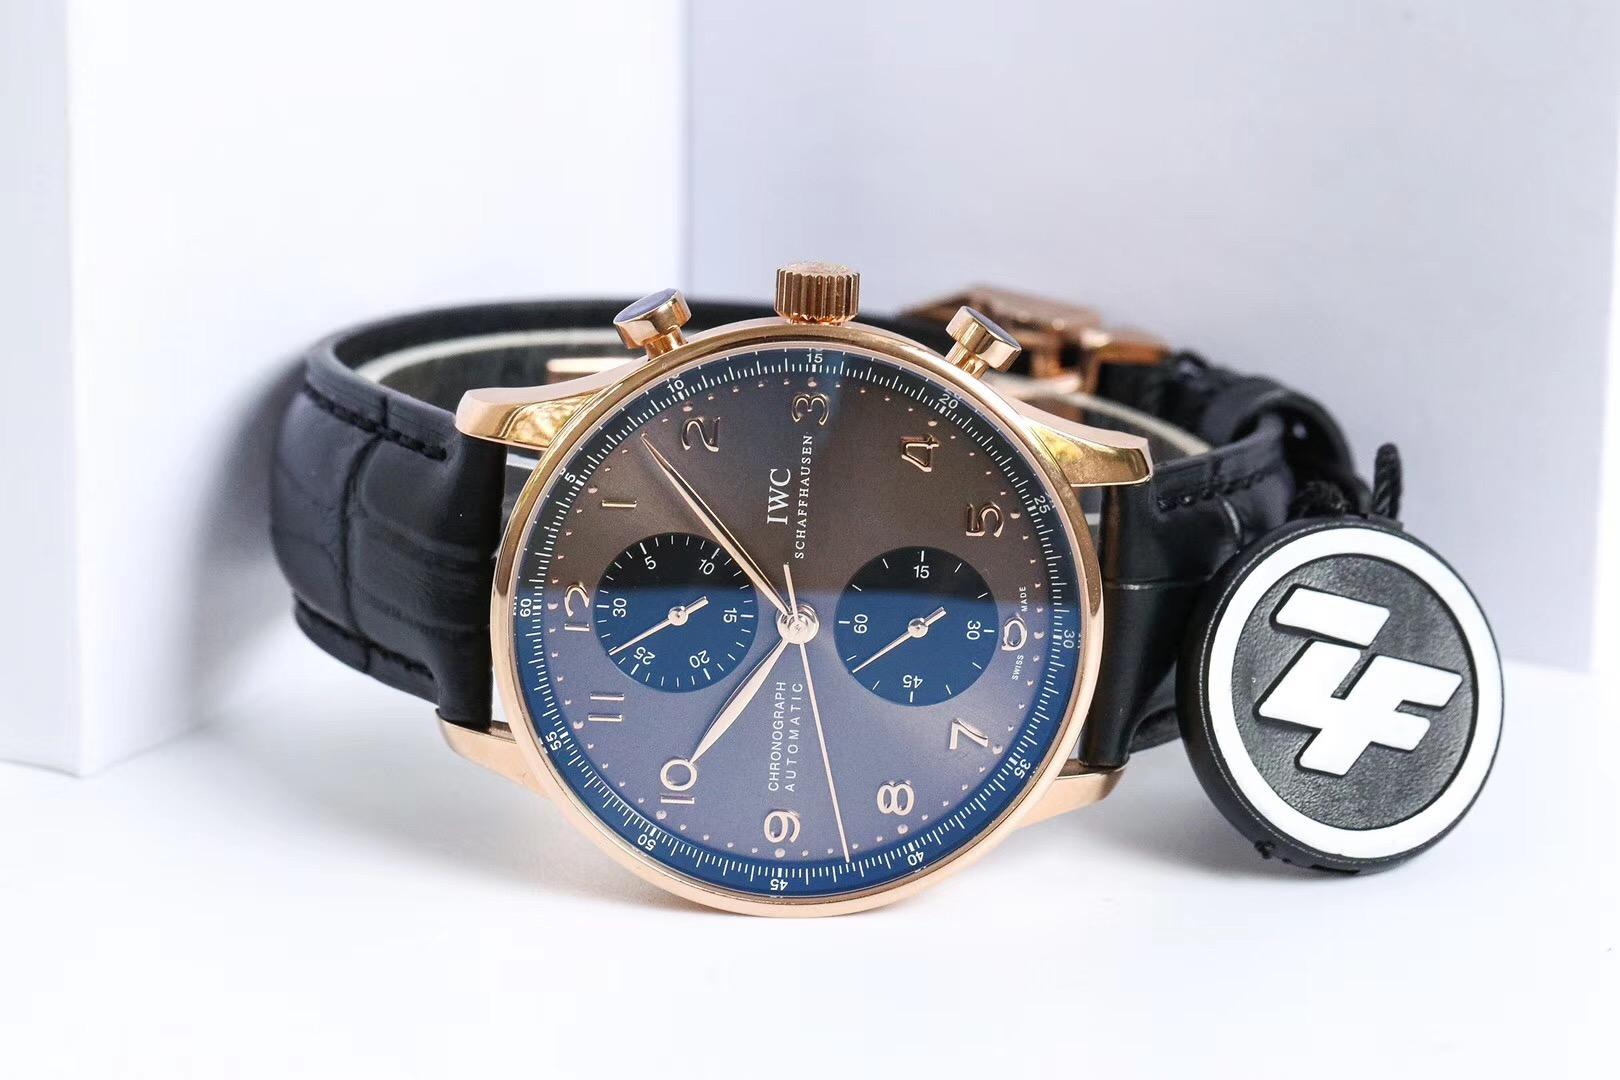 zf葡计万国葡萄牙蓝针IW371446复刻表